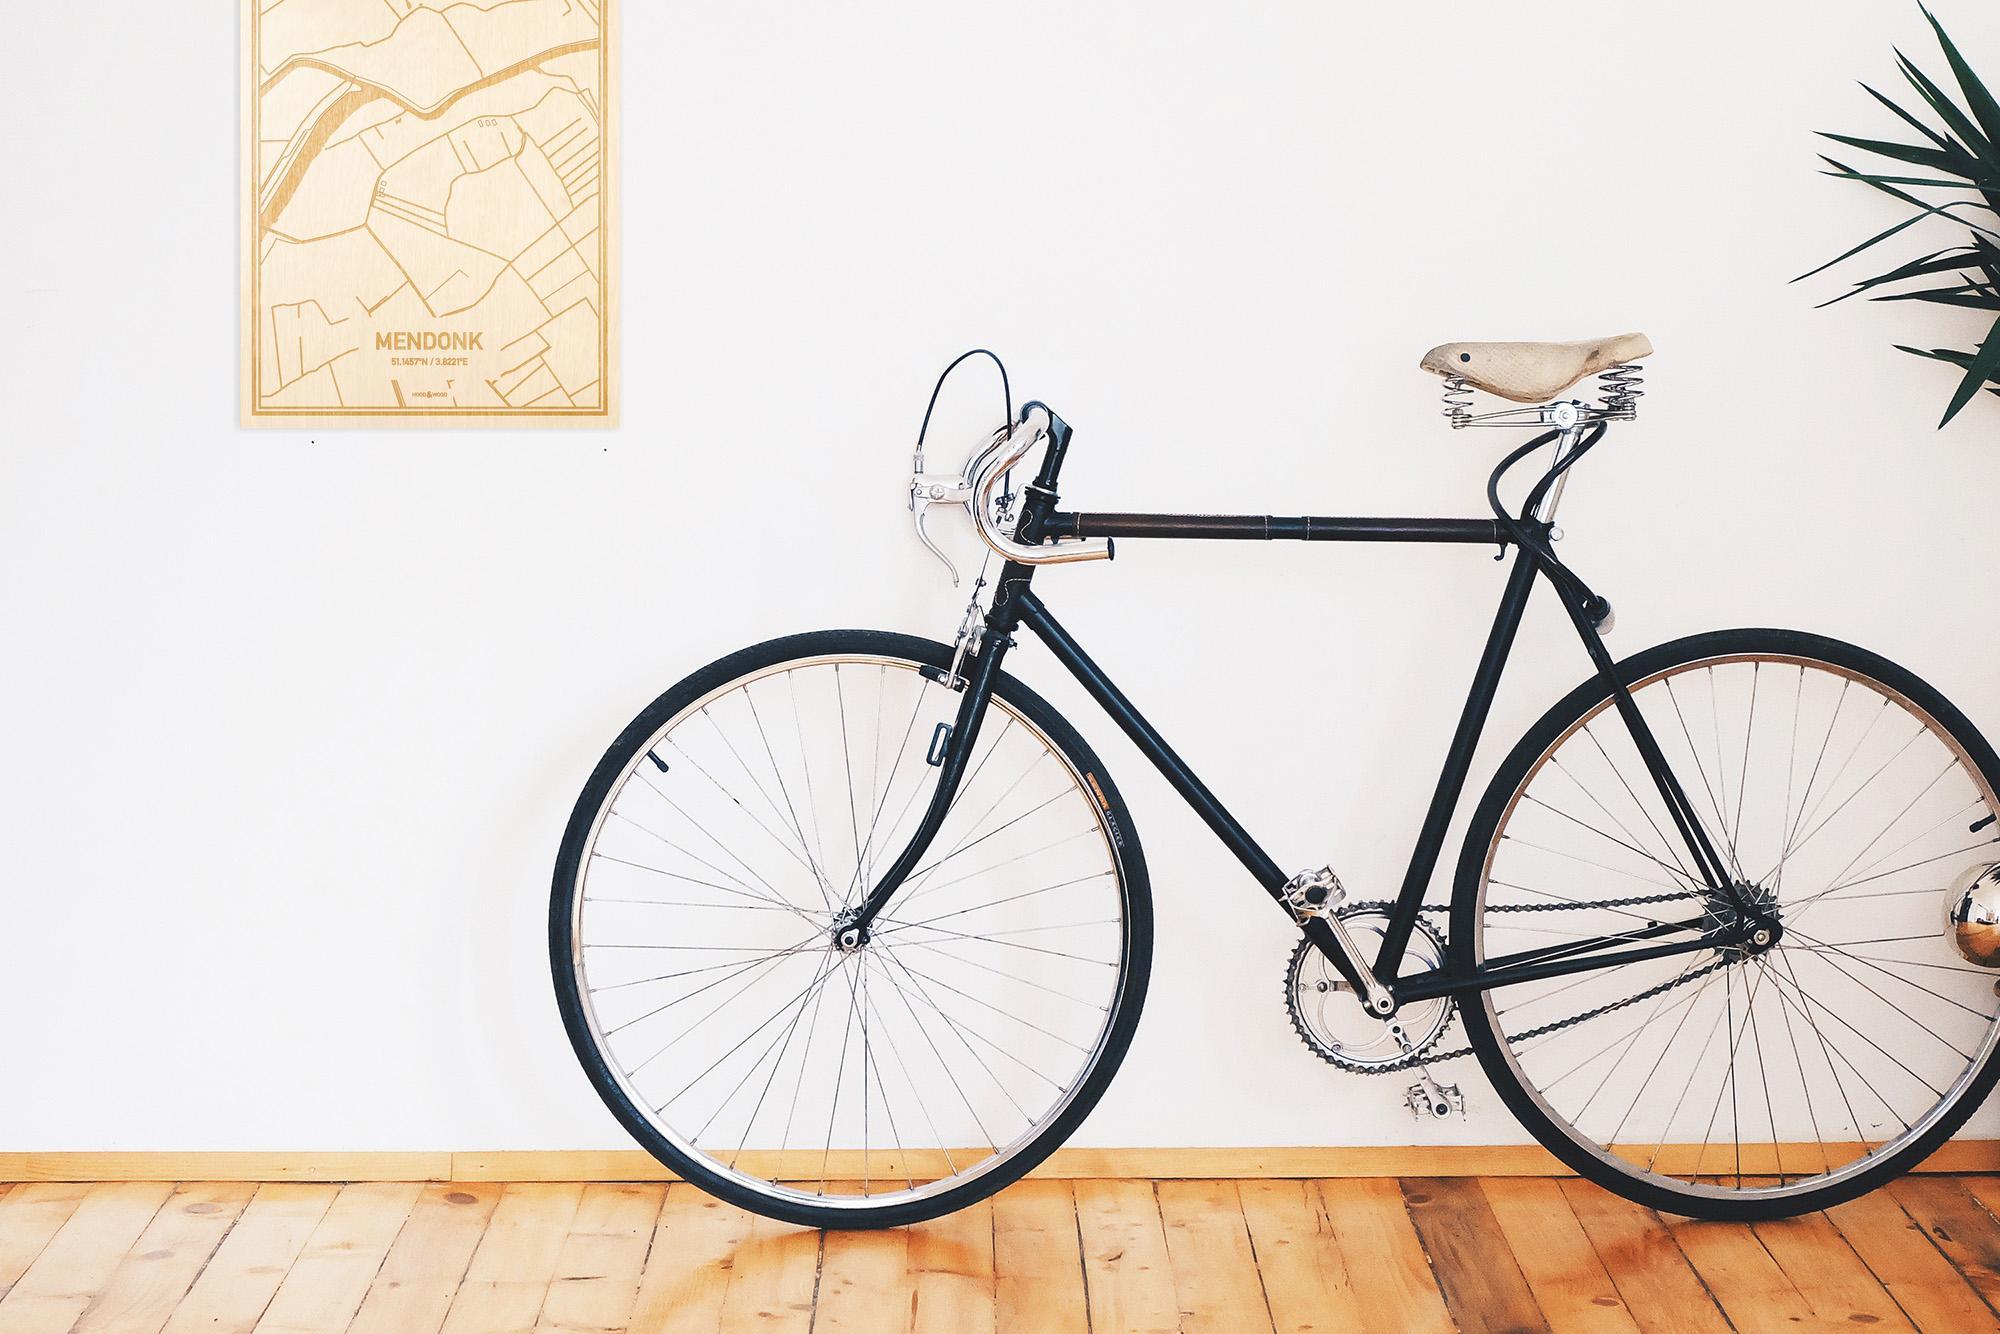 Een snelle fiets in een uniek interieur in Oost-Vlaanderen  met mooie decoratie zoals de plattegrond Mendonk.